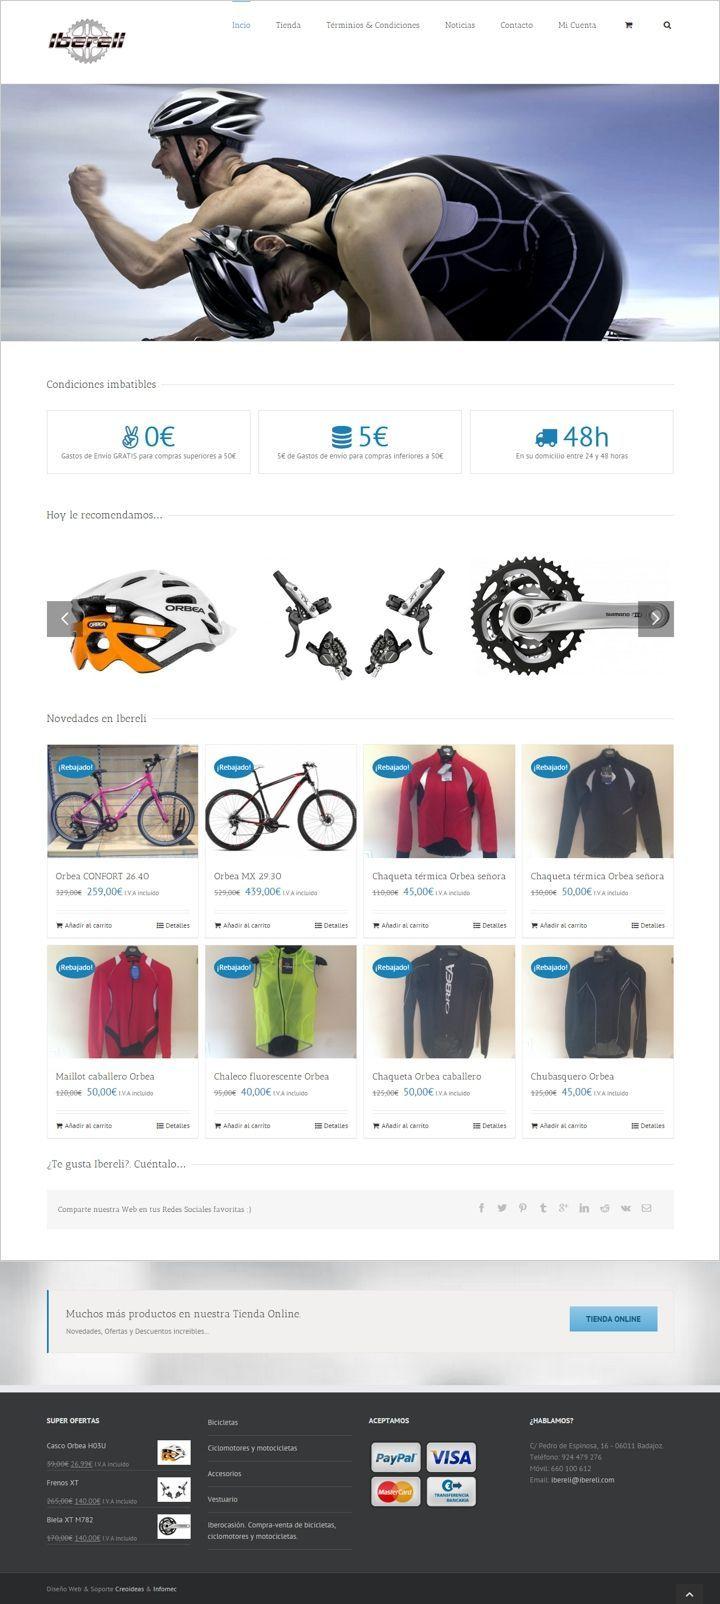 Ibereli Tienda Online de Bicicletas y Motocicletas - Badajoz